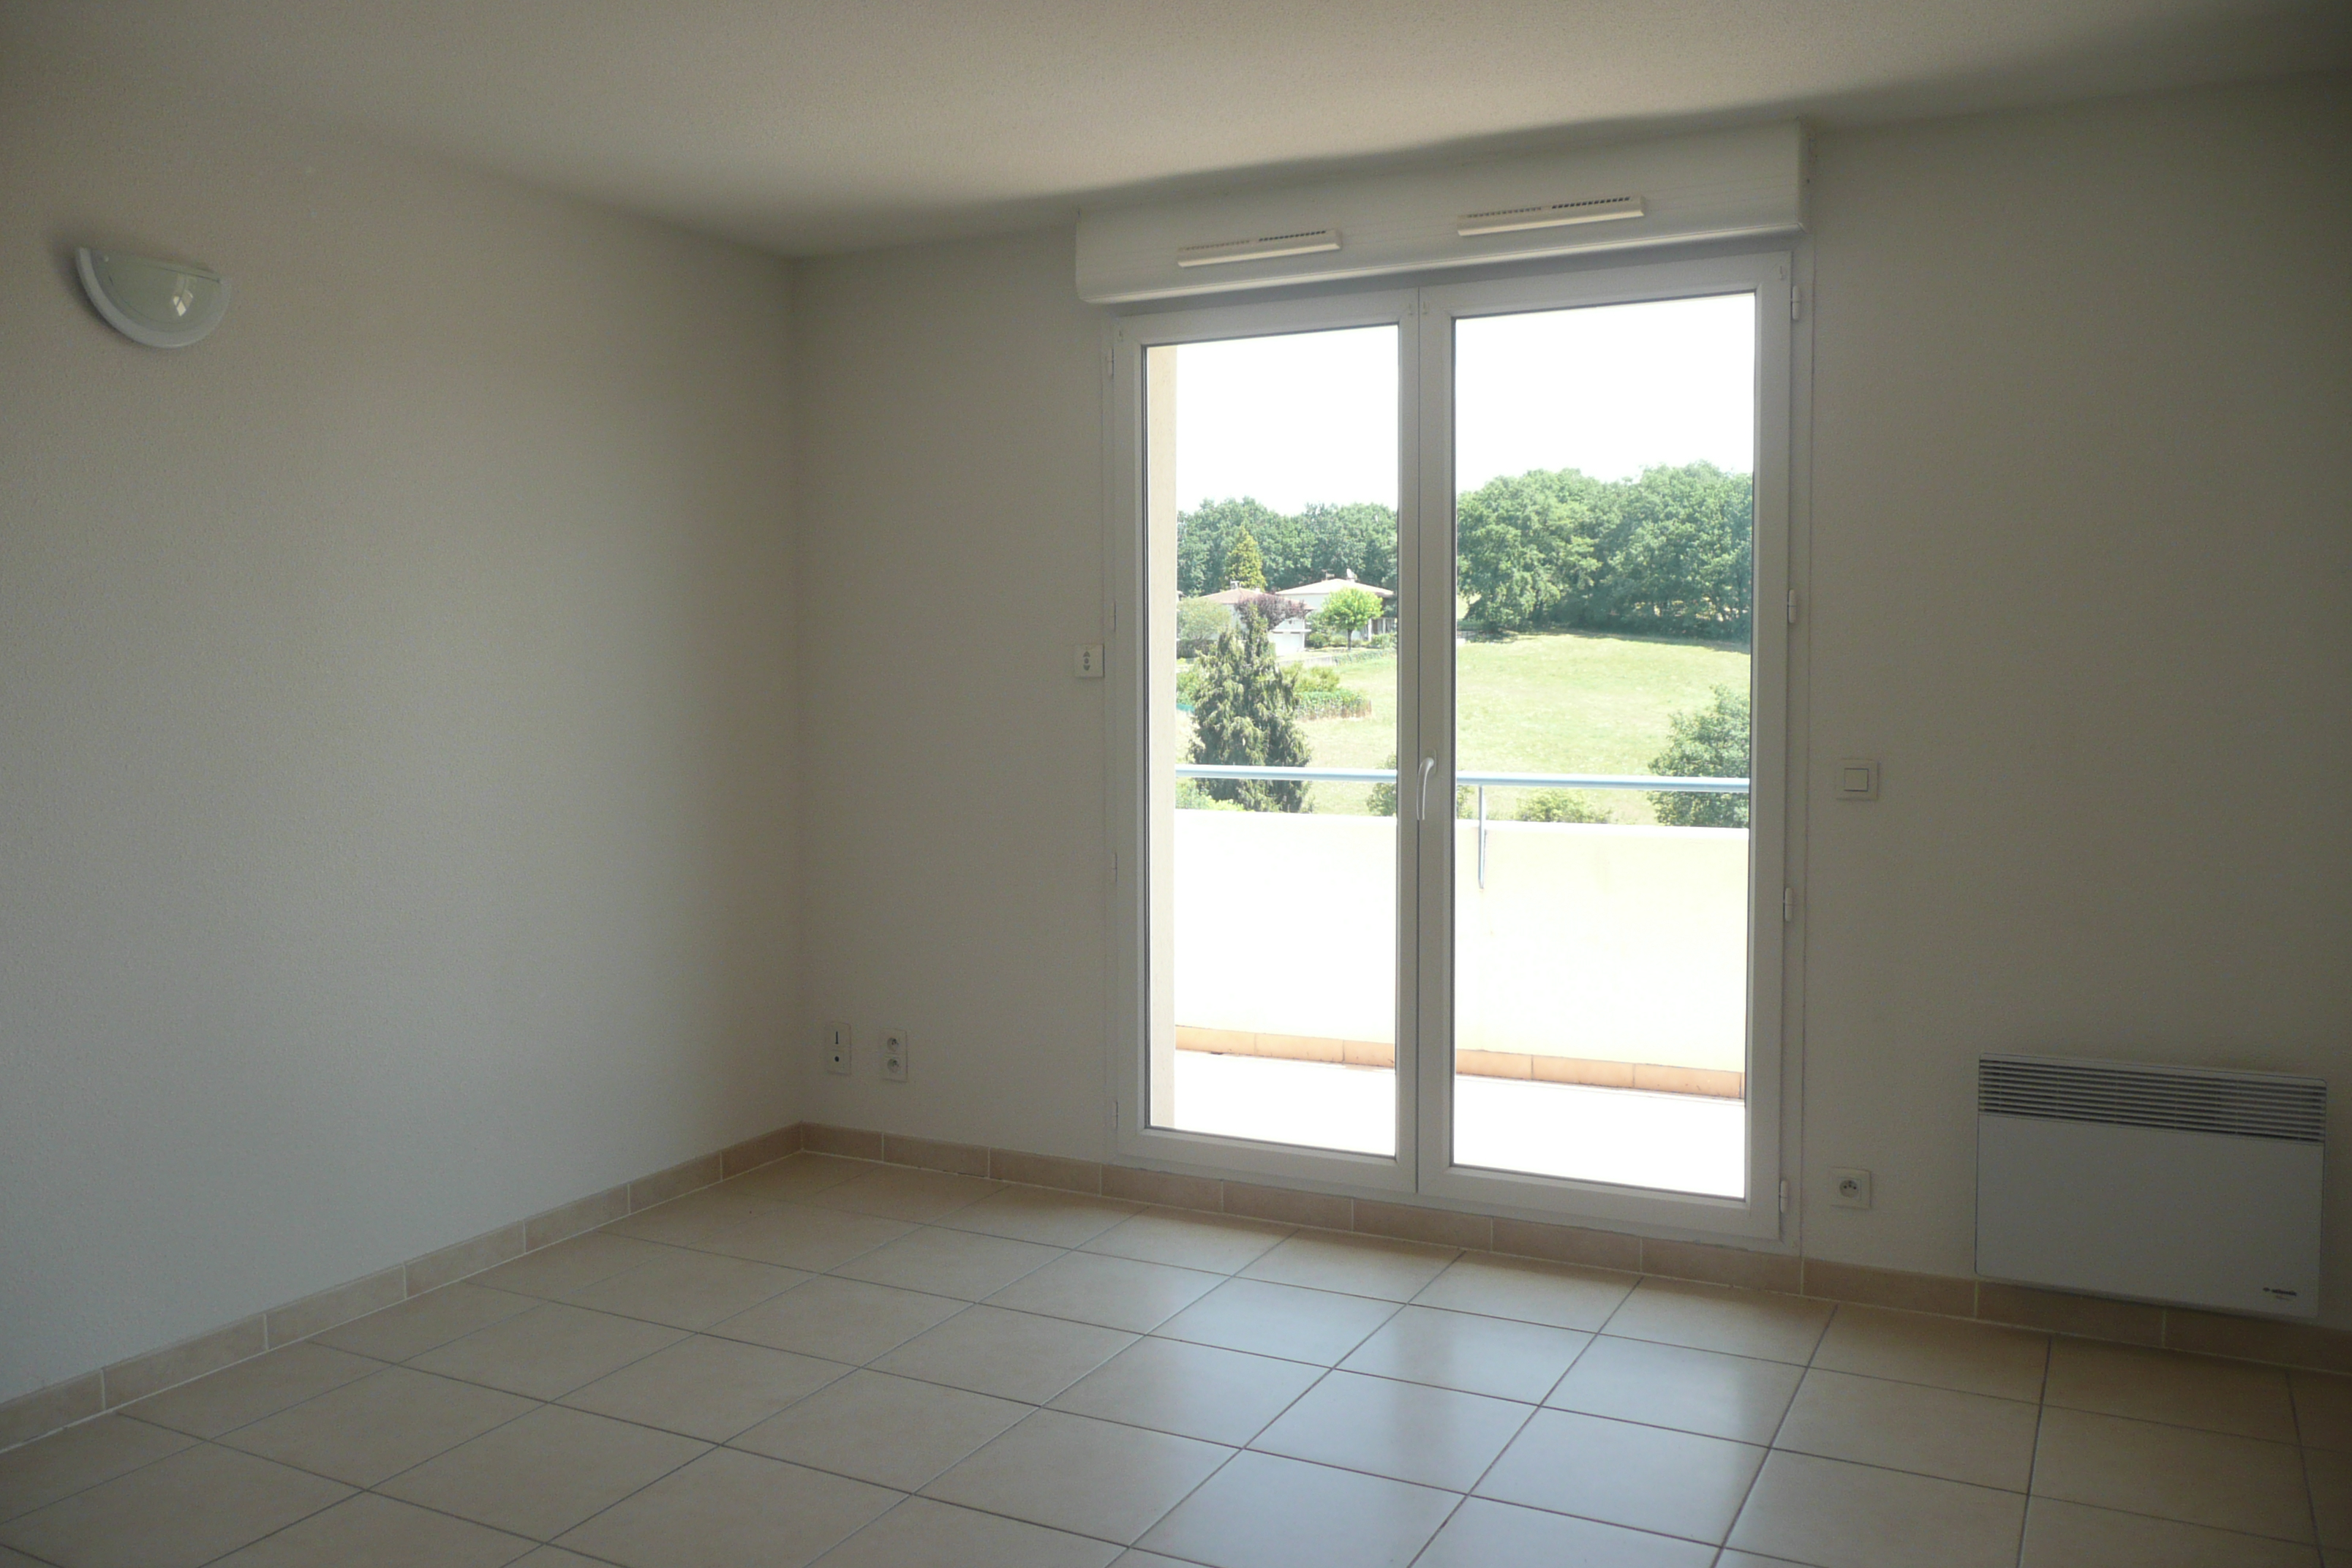 Appartement T2  à louer dans résidence calme à Figeac